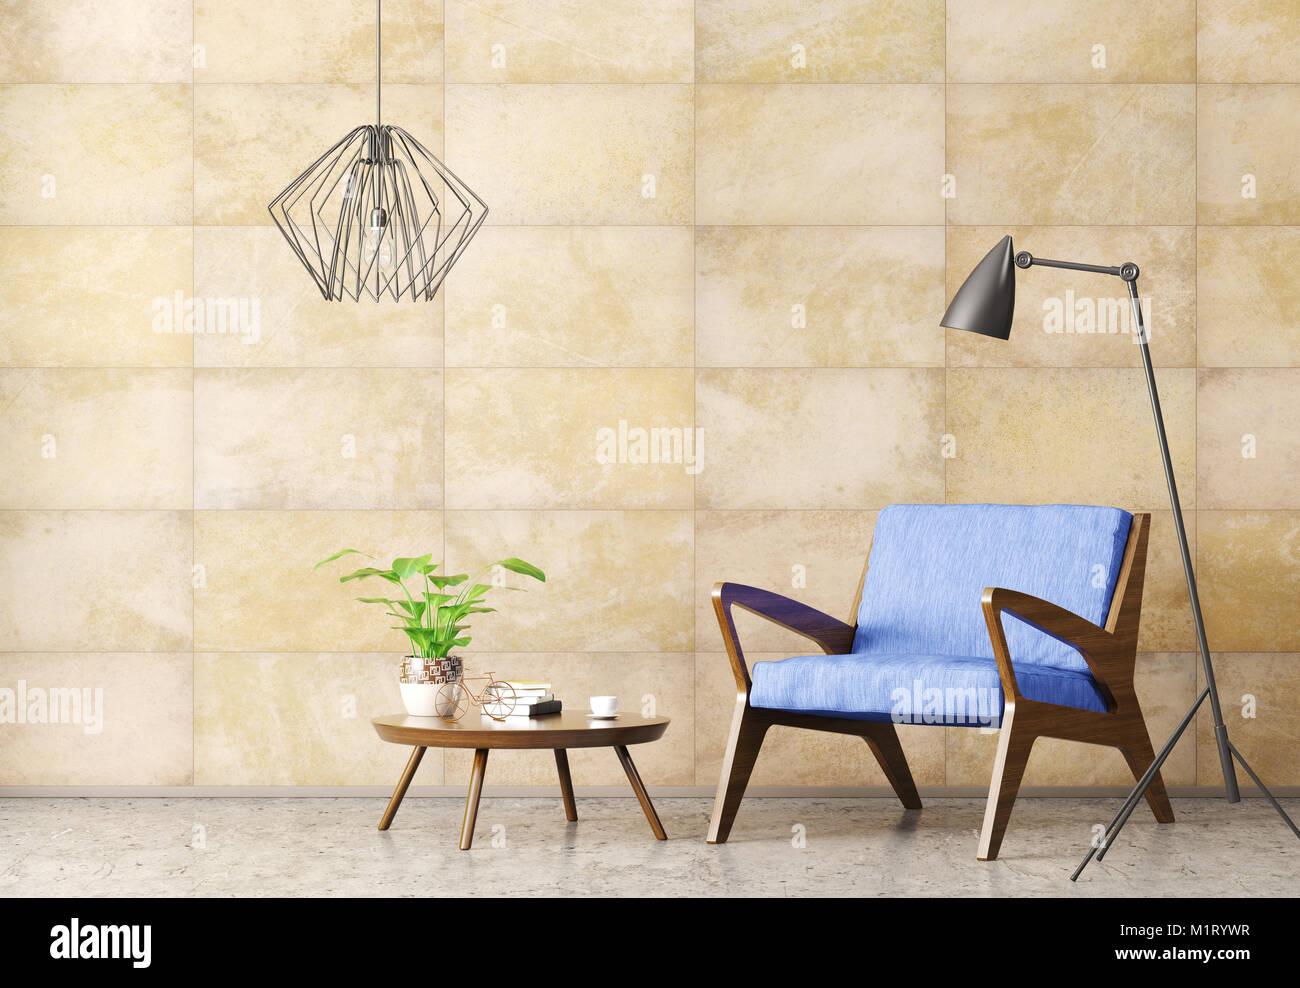 Soggiorno Moderno Con Tavolo In Legno.Interni Dal Design Moderno Di Soggiorno Con Tavolo Da Caffe In